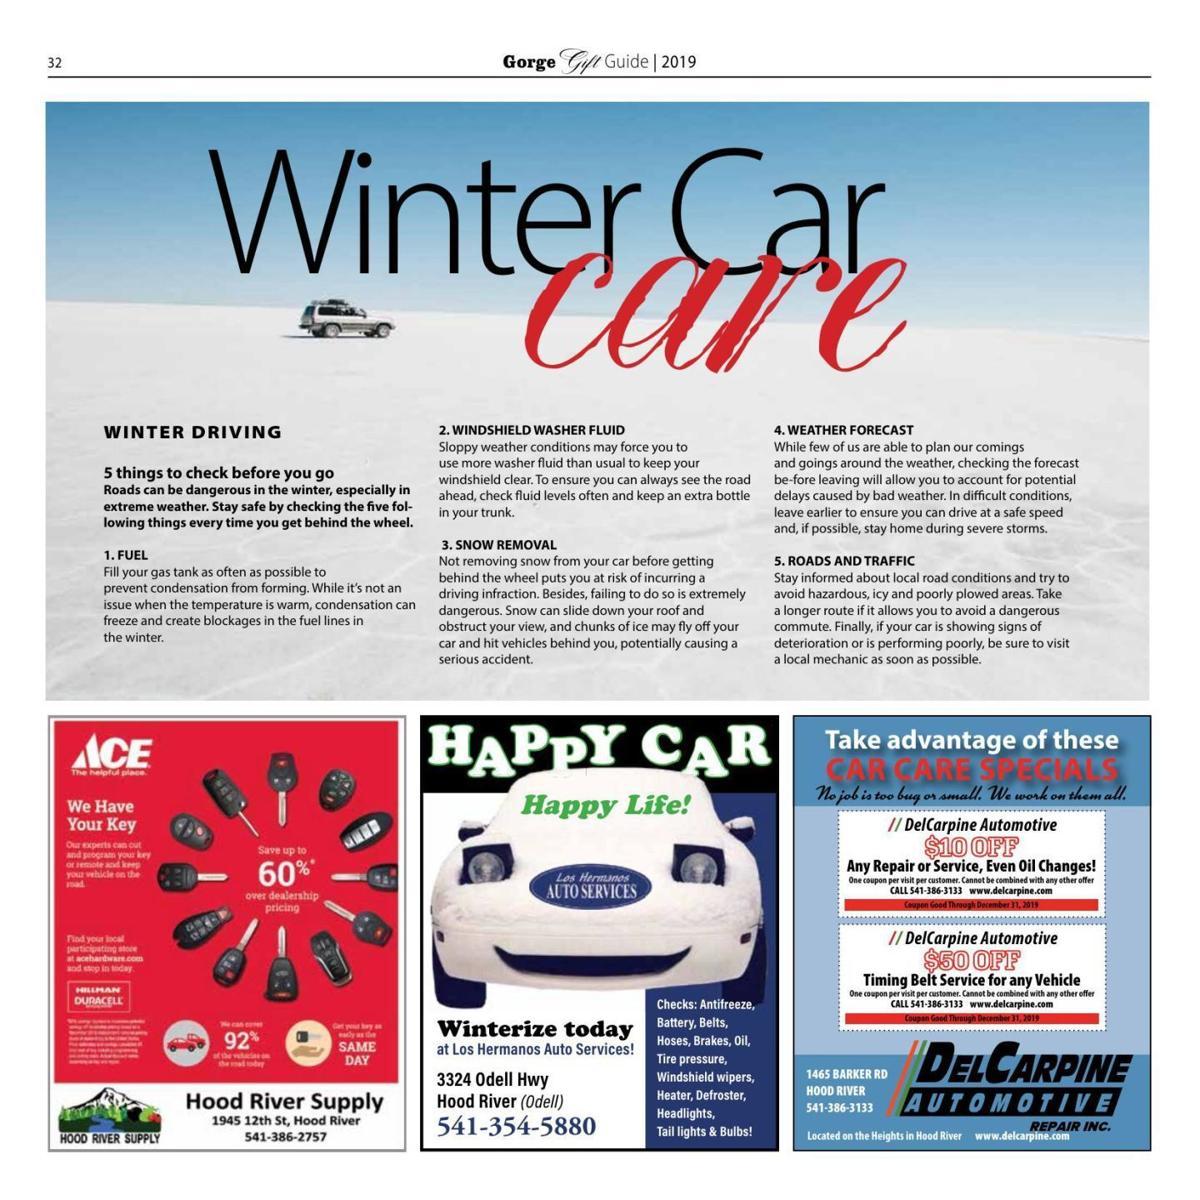 Winter Car Care Guide.pdf